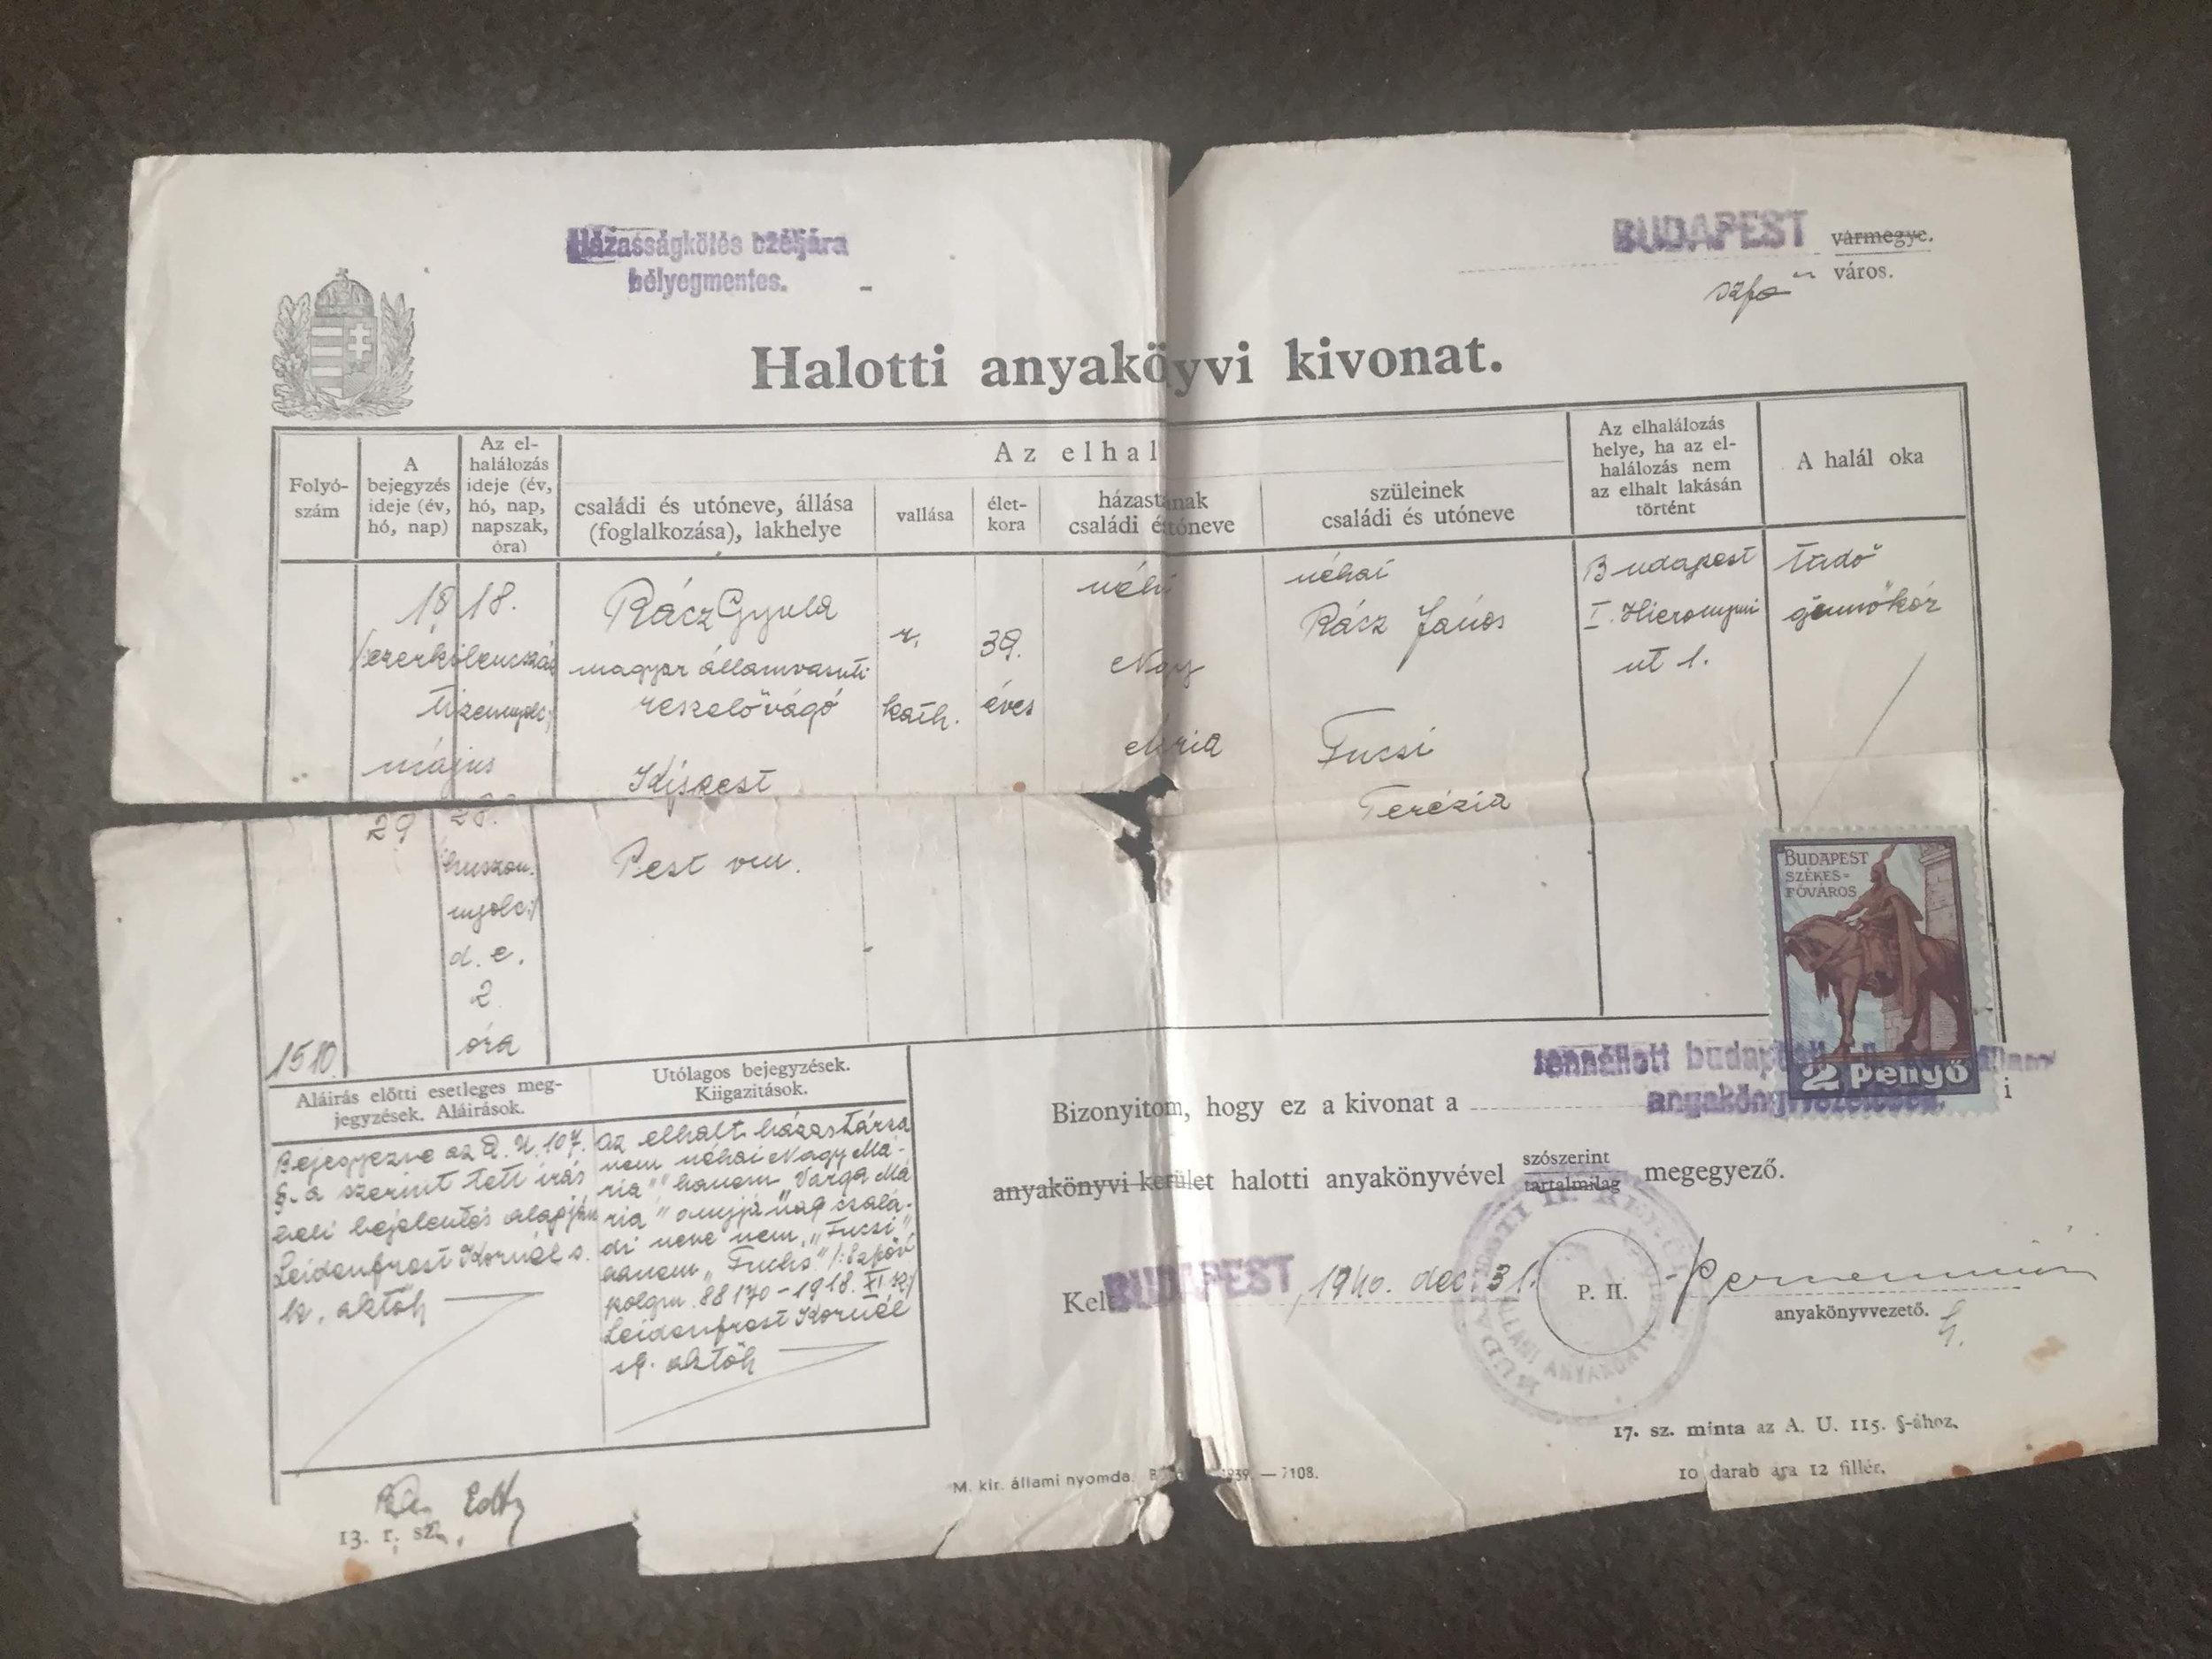 Rácz Gyula, gümőkórban elhunyt, római katolikus vasúti lakatos halotti bizonyítványa. 1944-ben ő volt a nagyapám